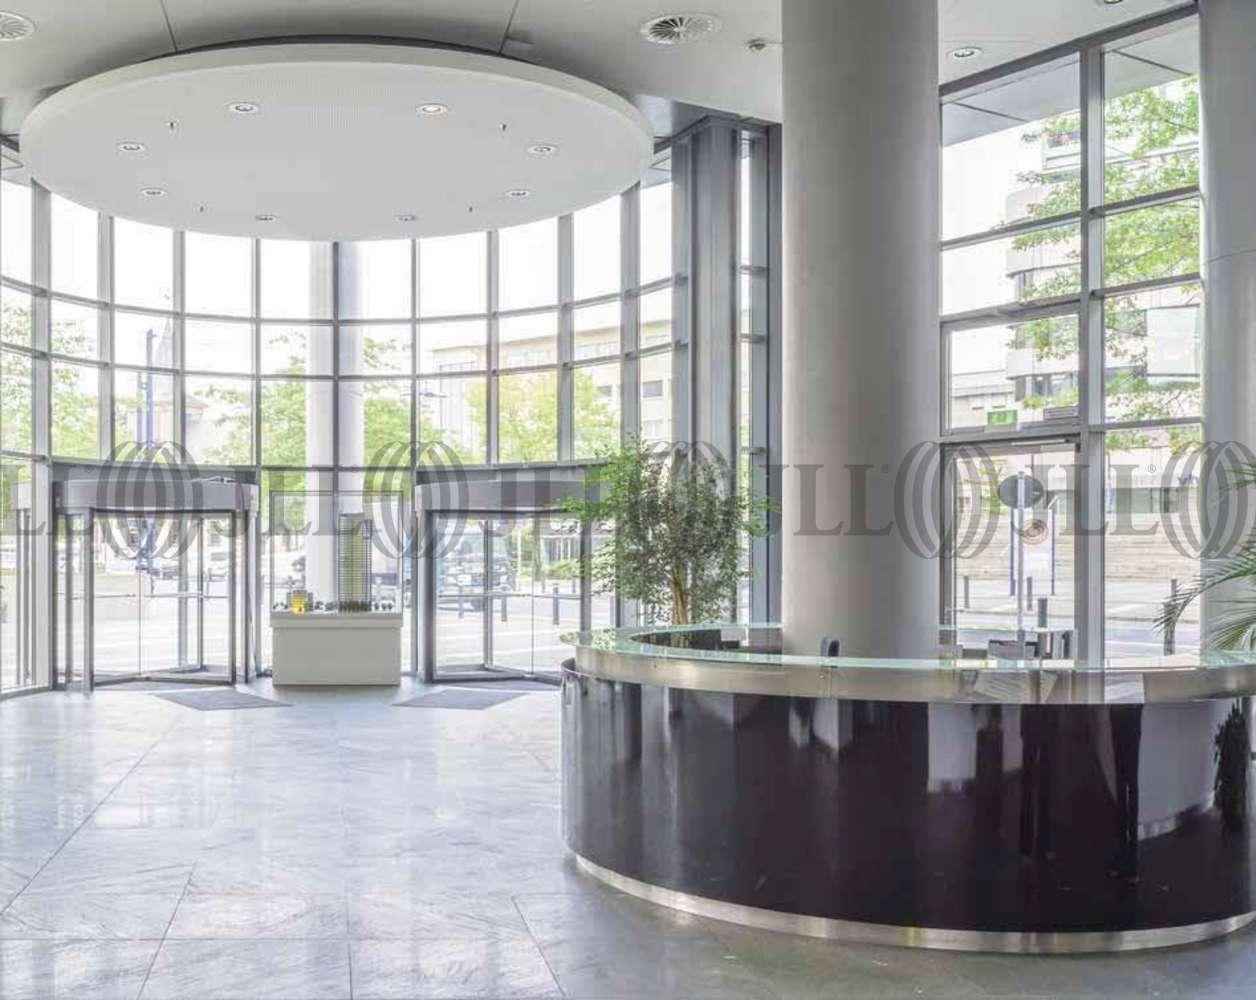 Büros Offenbach am main, 63065 - Büro - Offenbach am Main - D0010 - 10442824